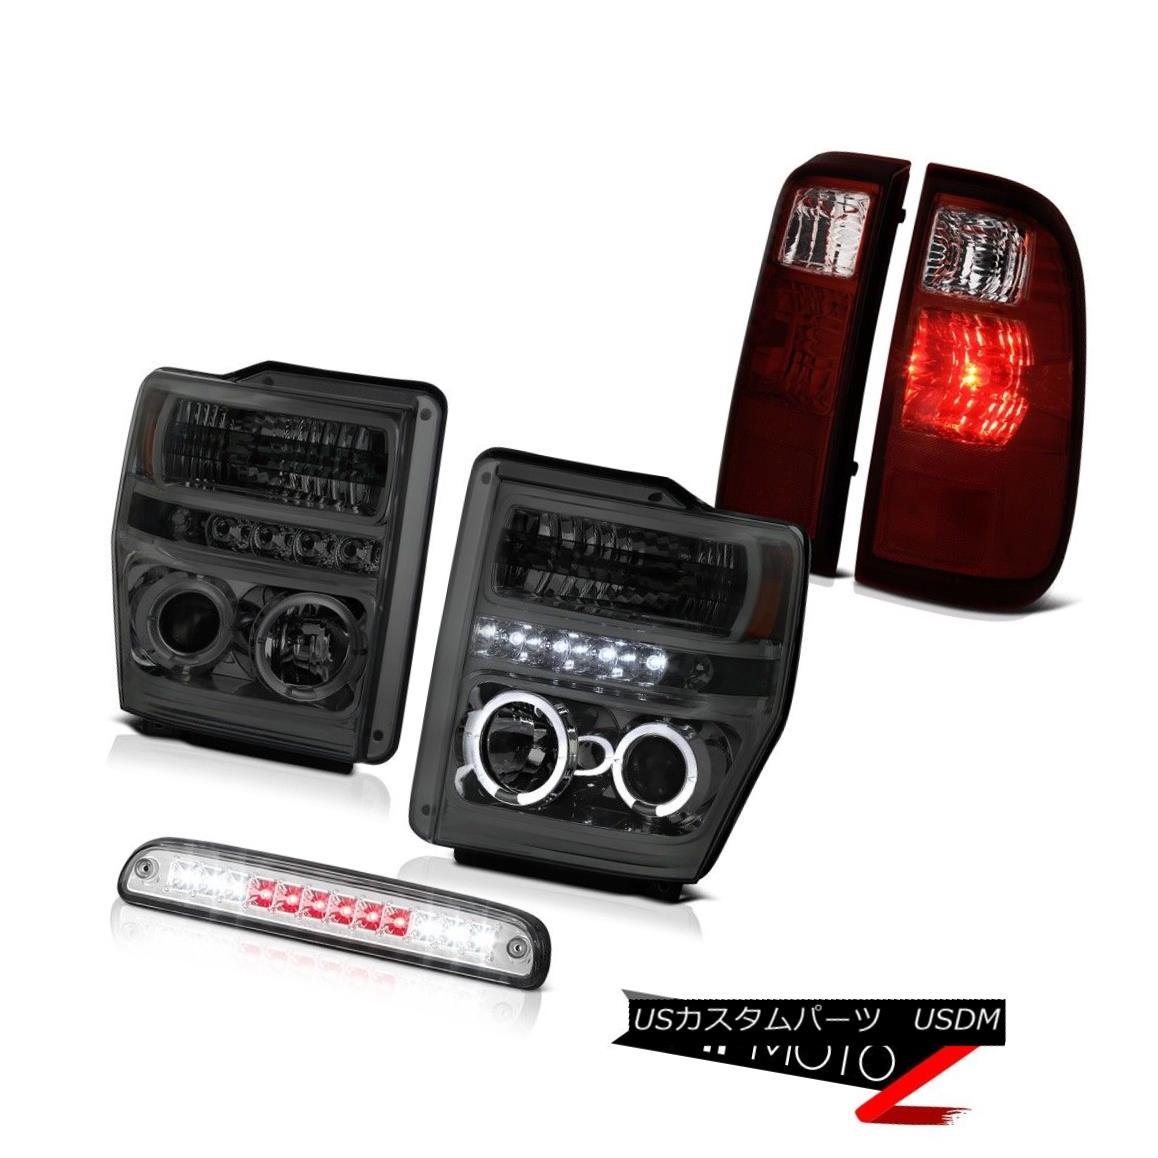 テールライト Projector Headlights High Stop LED Tail Lights Lamps 2008-2010 F350 Turbo Diesel プロジェクターヘッドライトハイストップLEDテールライトランプ2008-2010 F350ターボディーゼル